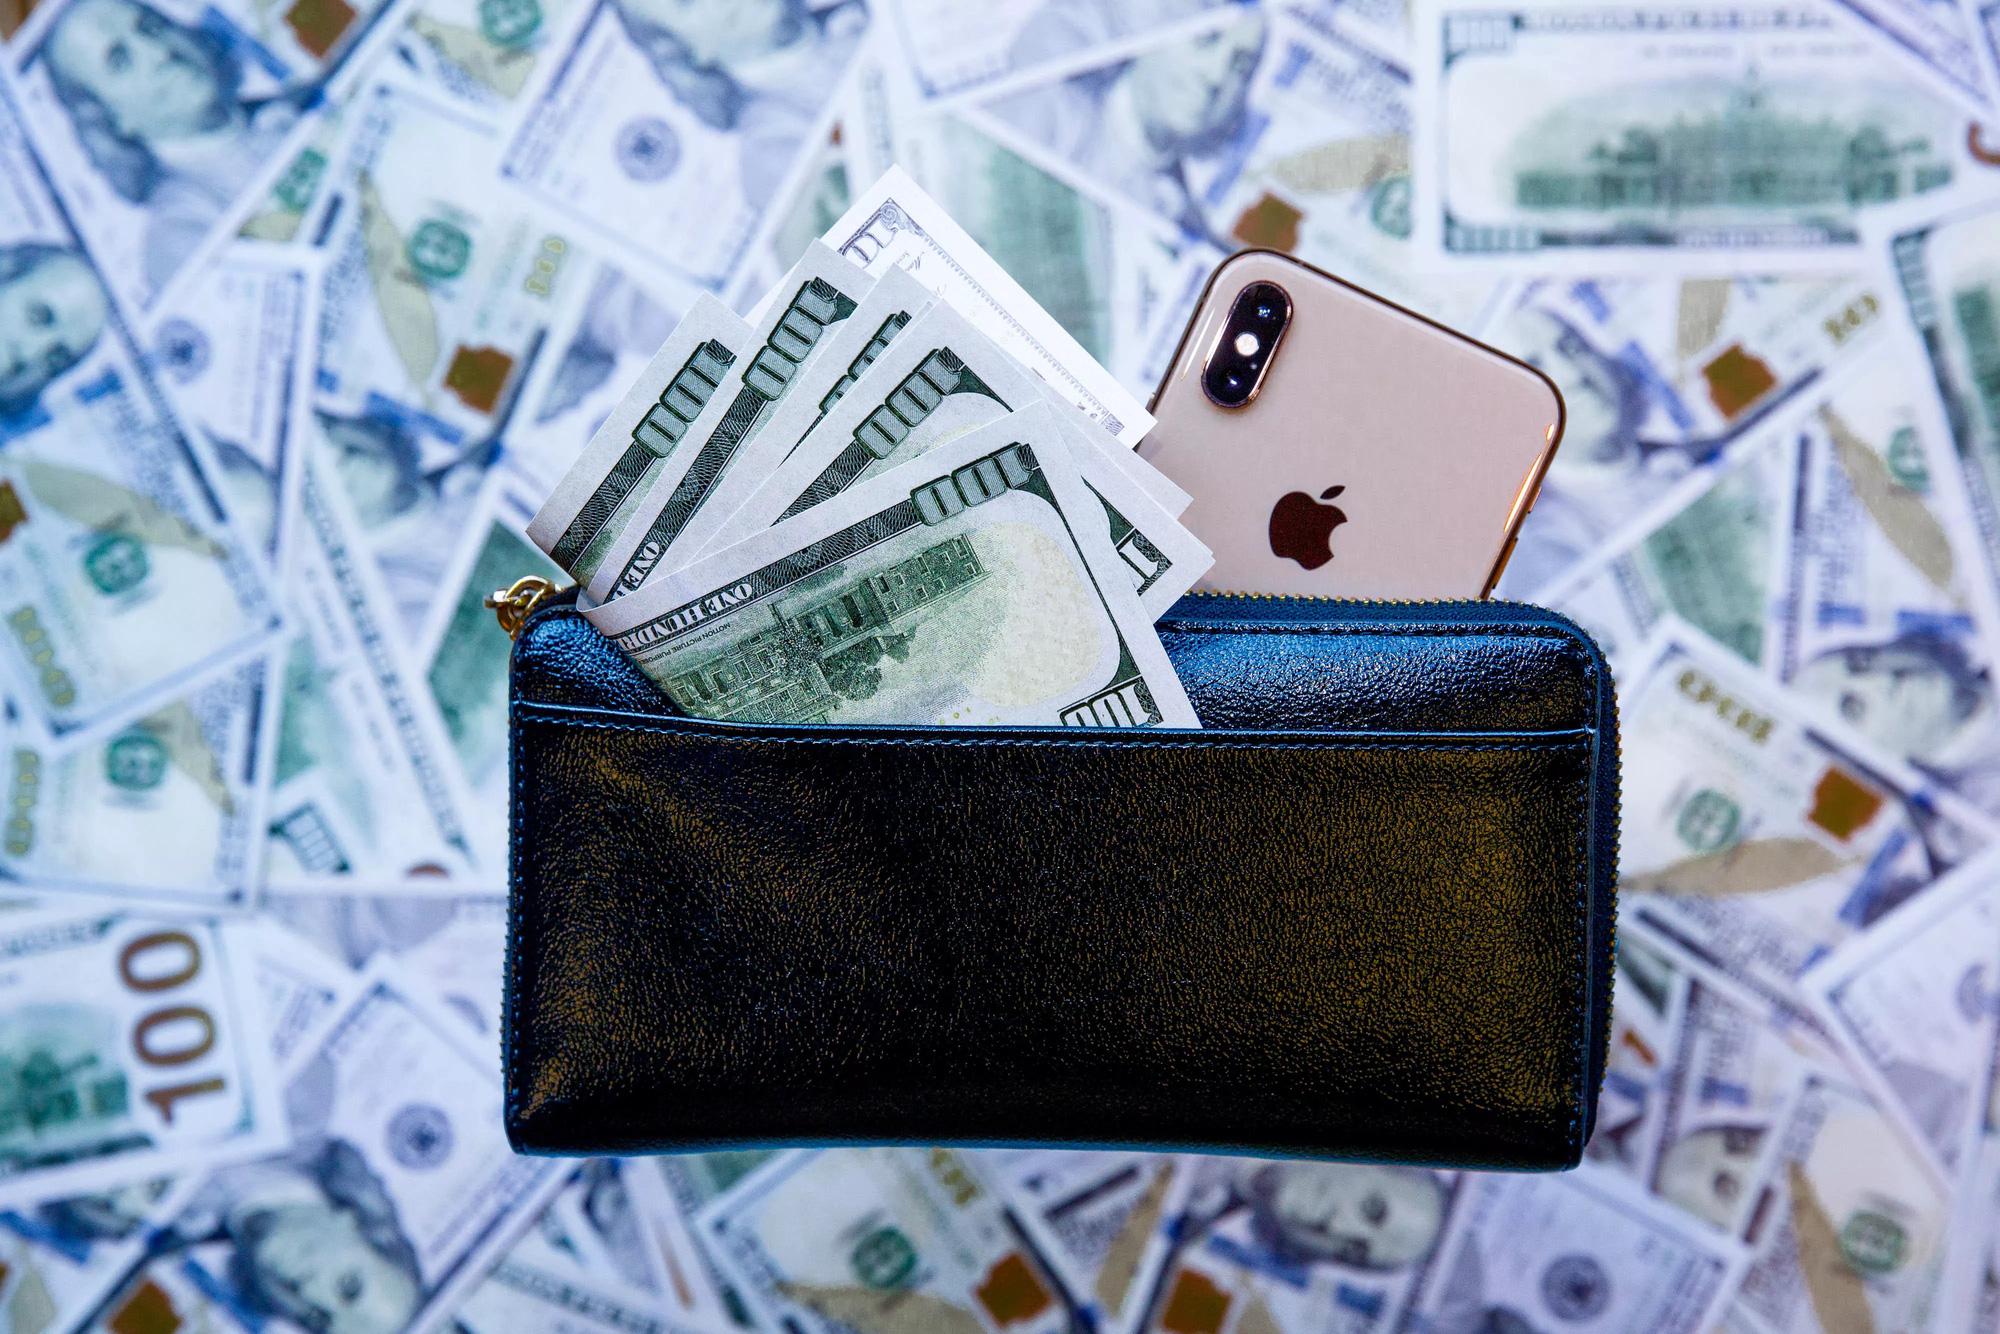 Apple bất ngờ giảm giá trị thu cũ đổi mới iPhone, iPad - Ảnh 4.